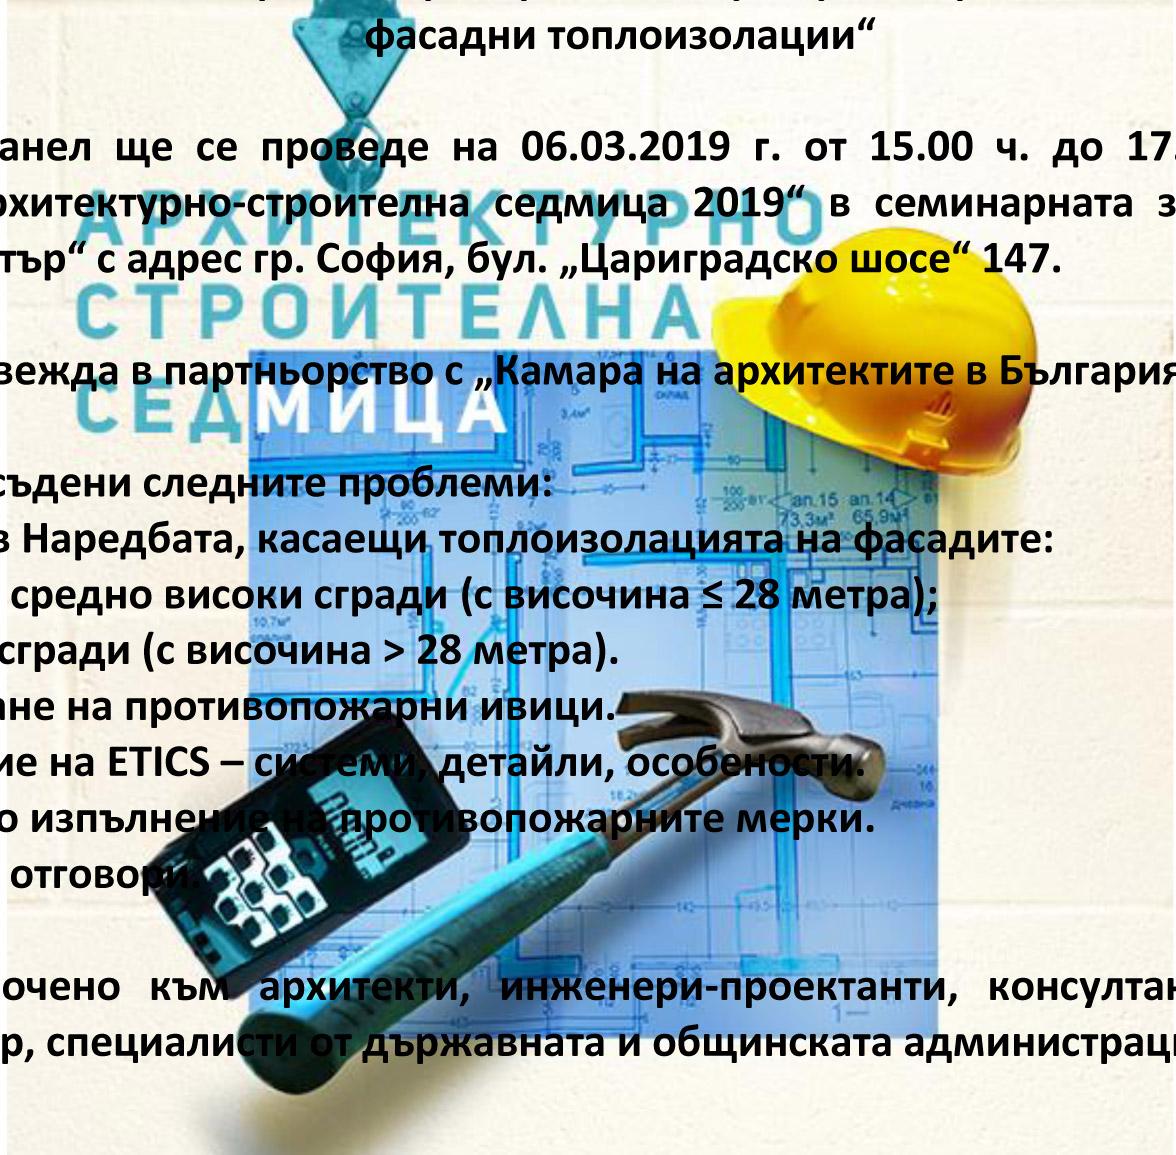 ДИСКУСИОНЕН ПАНЕЛ Изменения в Наредба № Iз-1971 от 29.10.2009 г. с БАИС